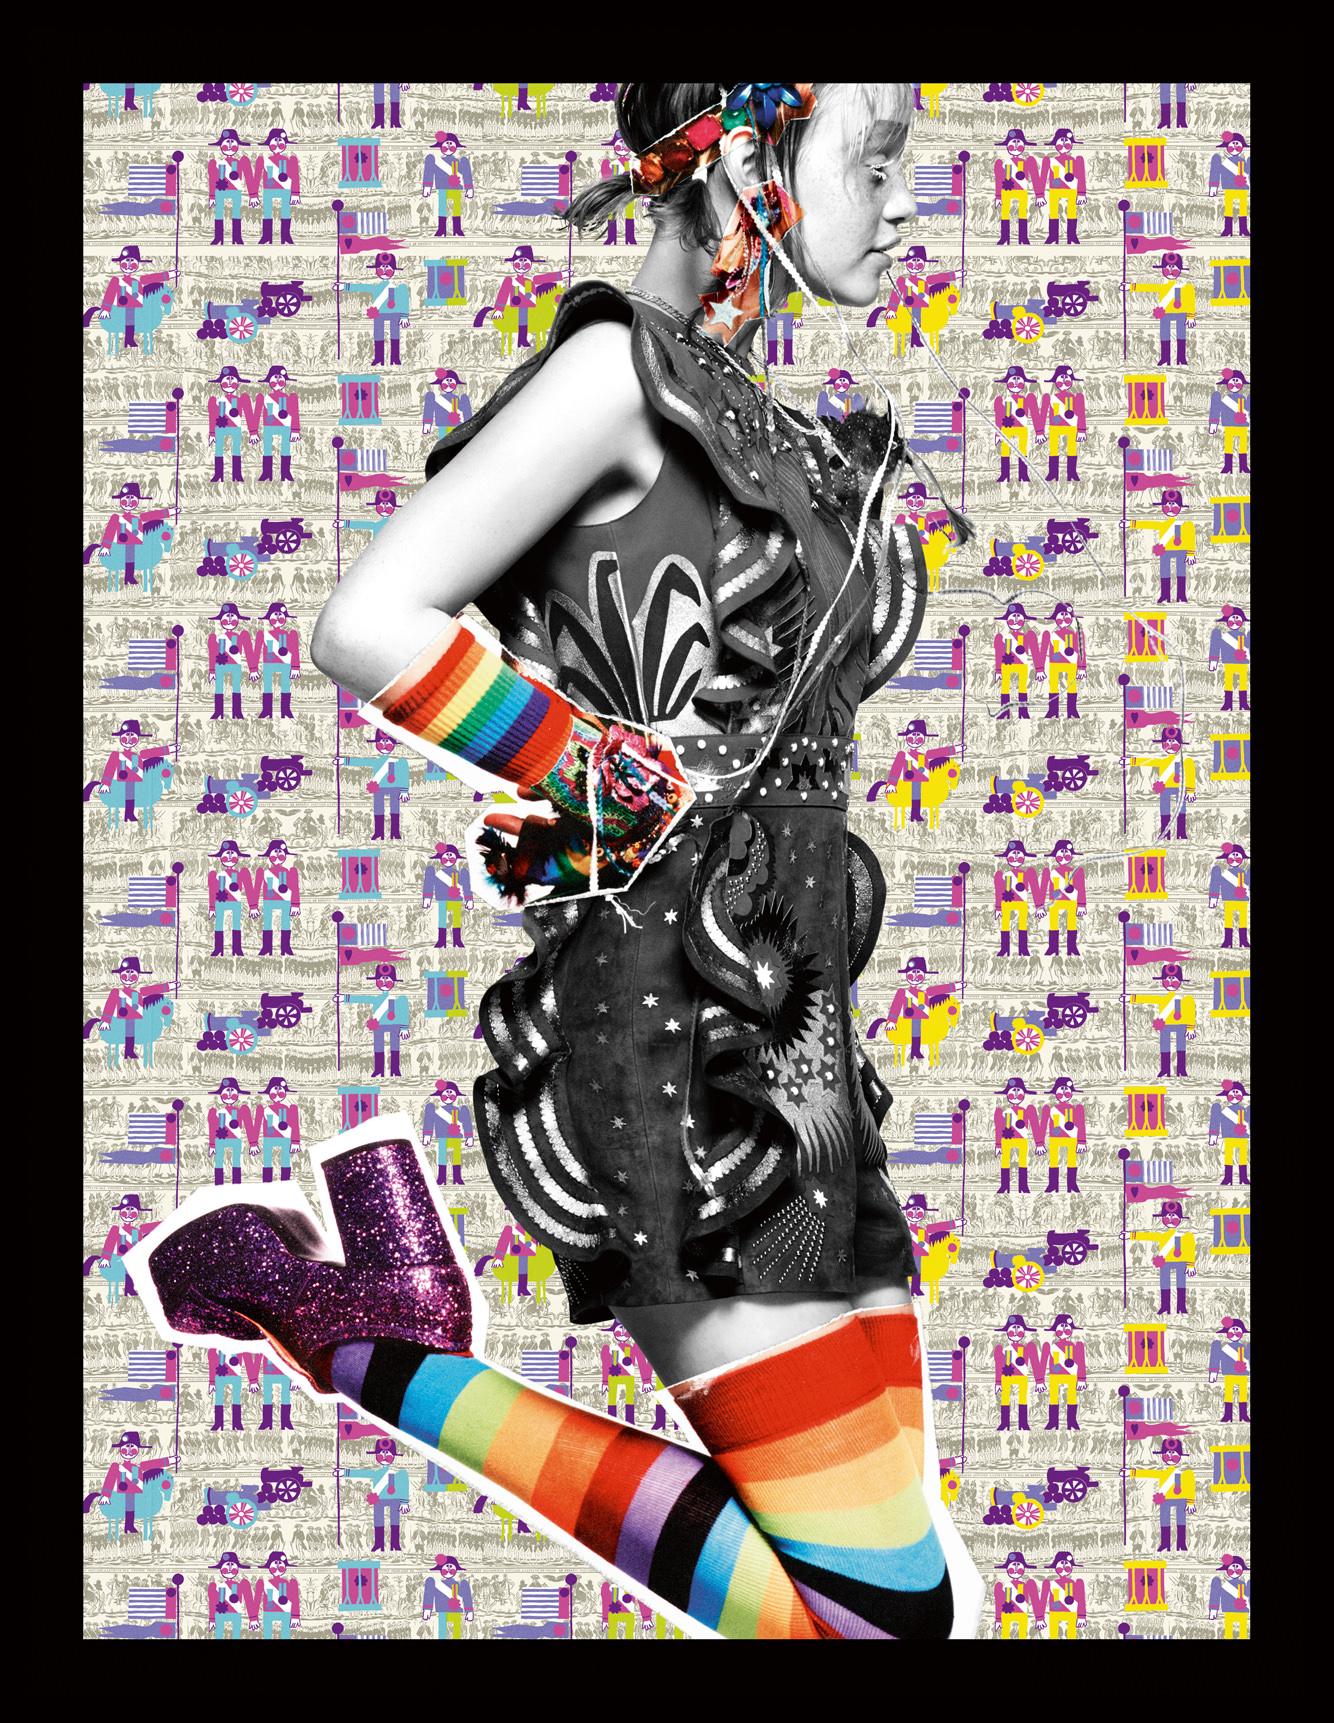 Manteau en fausse fourrure multicolore, GIORGIO ARMANI. Culotte, MAISON THE FAUX. Chaussures, NATACHA MARRO. Mitaines et chaussettes, AMAZON.COM. Serre-tête et bijoux, ERICKSON BEAMON.